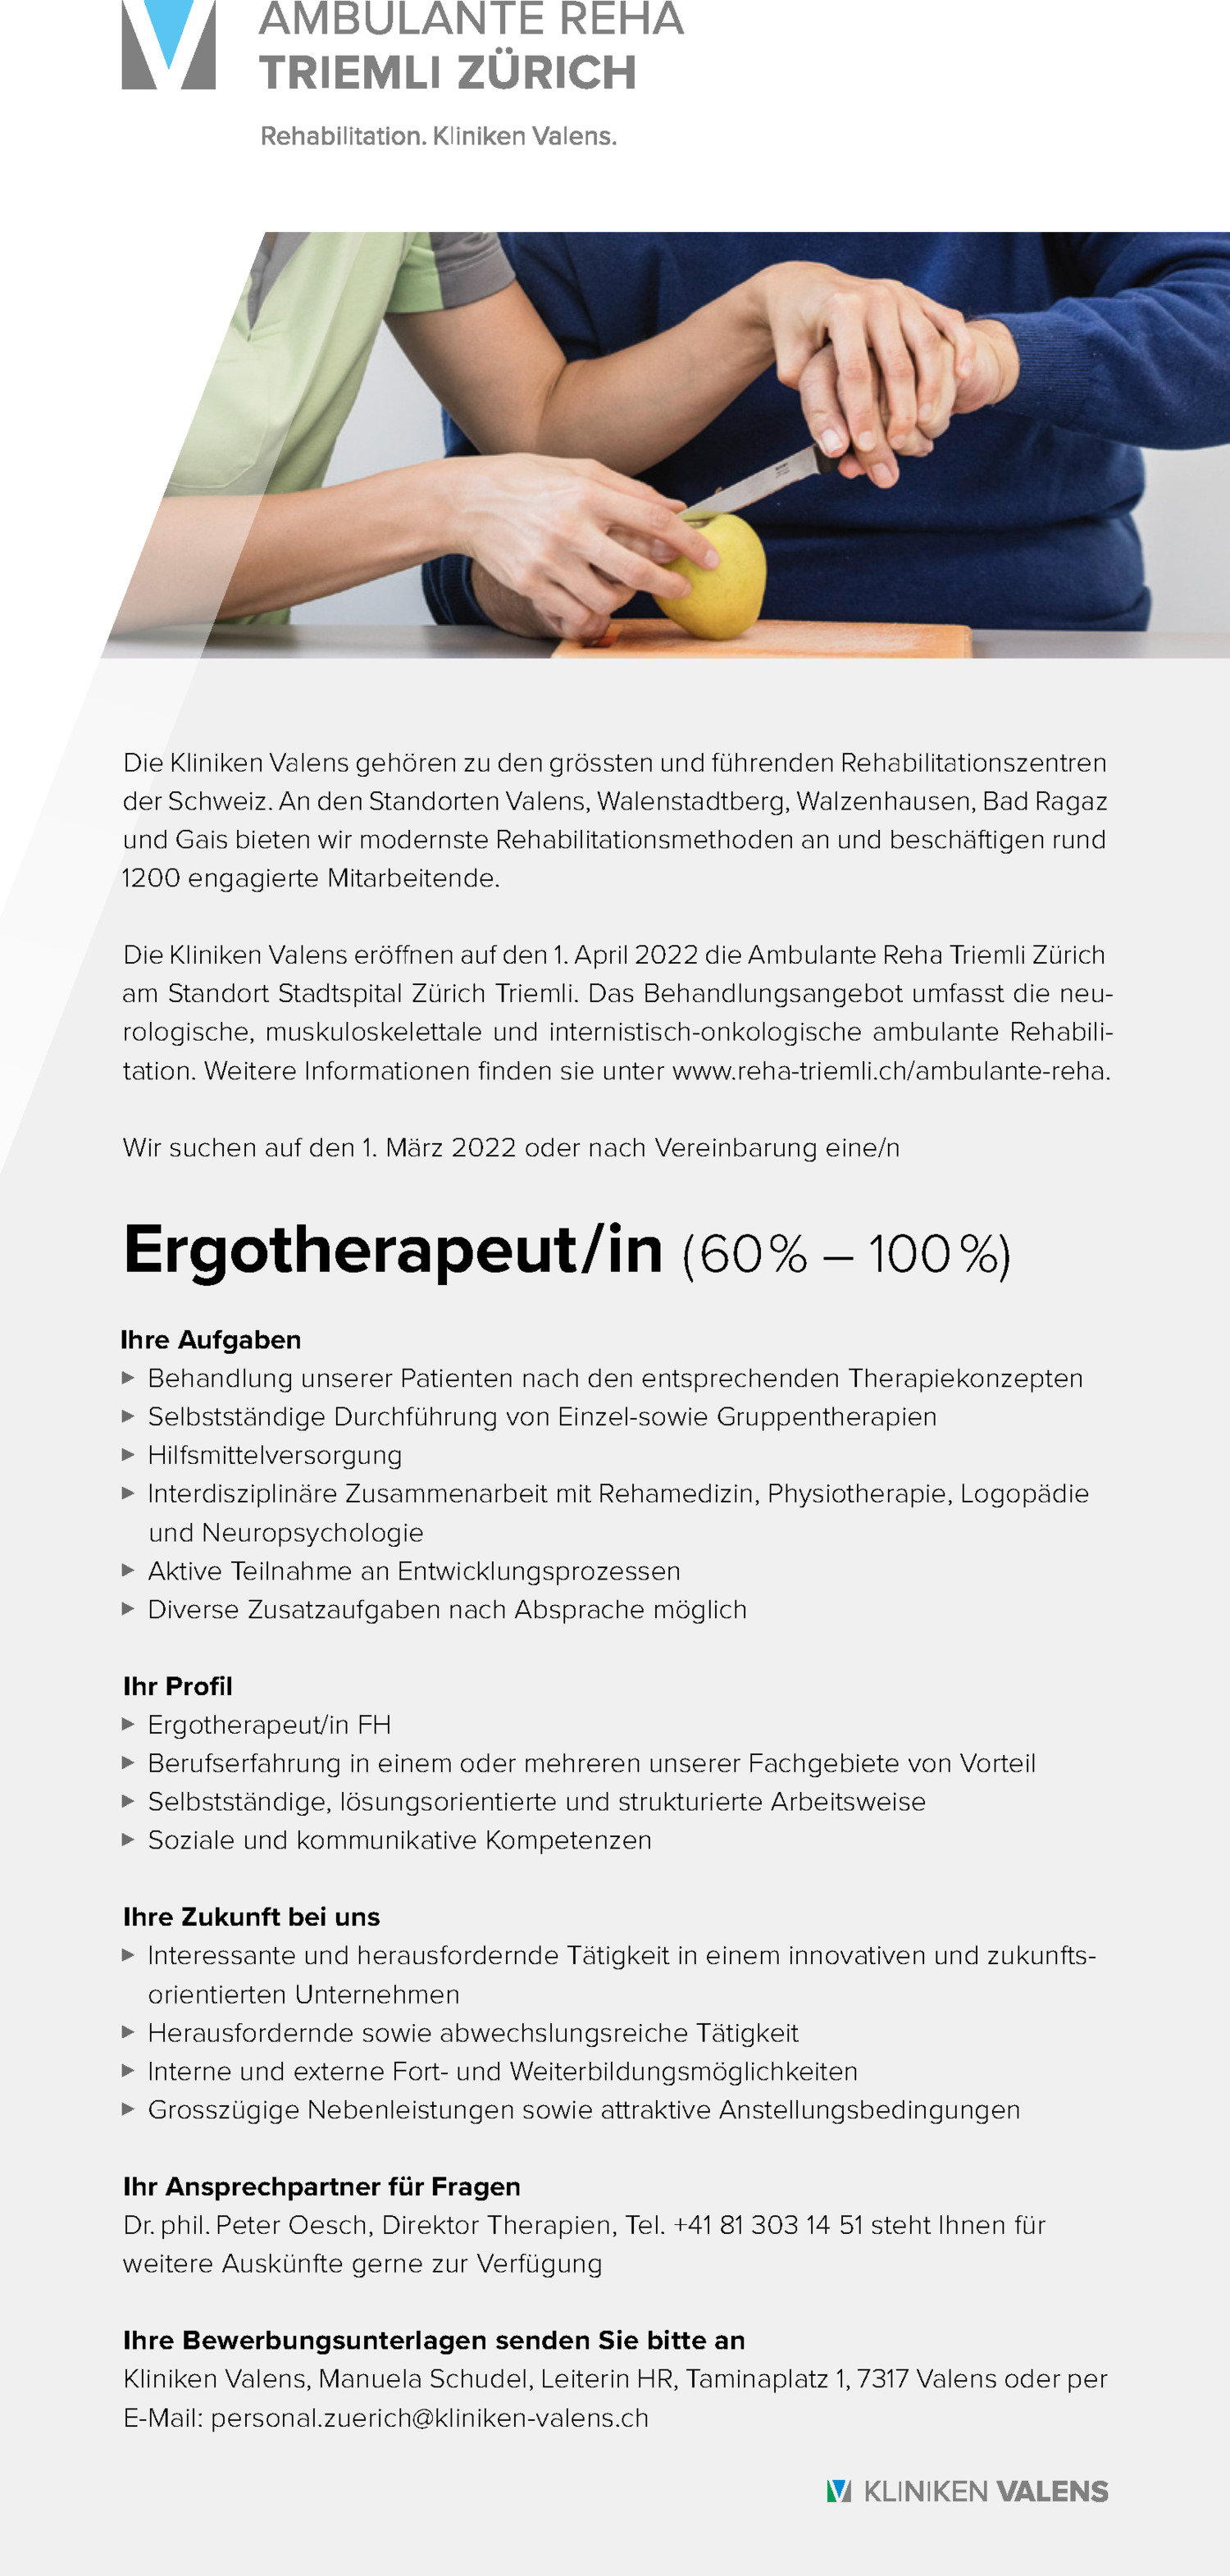 Inserat Ergotherapeut/in (60% – 100%)